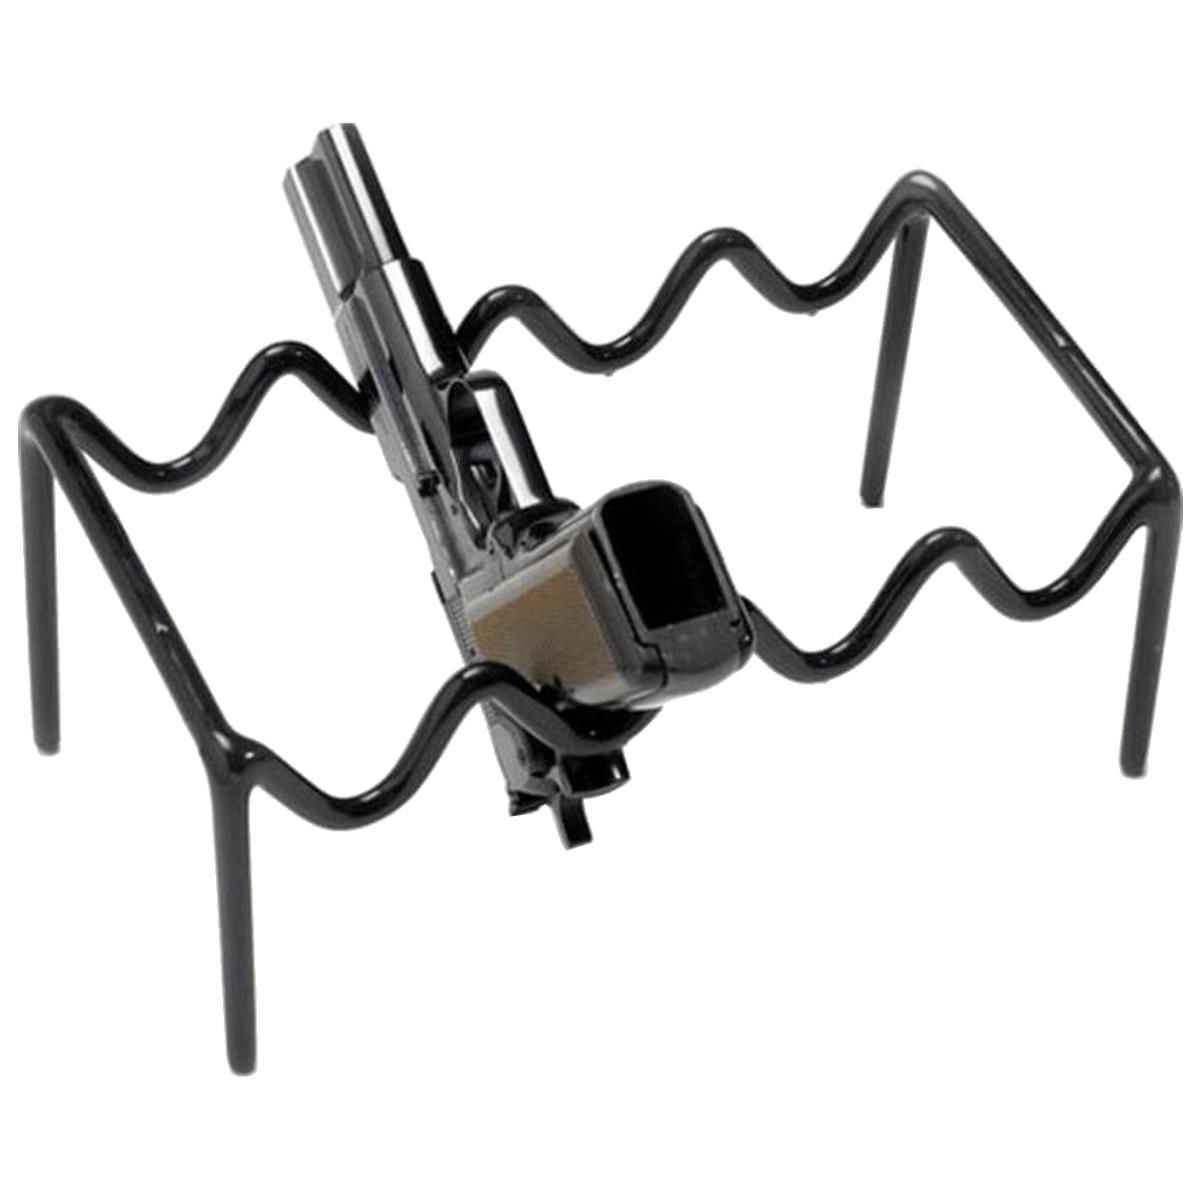 Shooting > Storage > Gun Safe Accessories